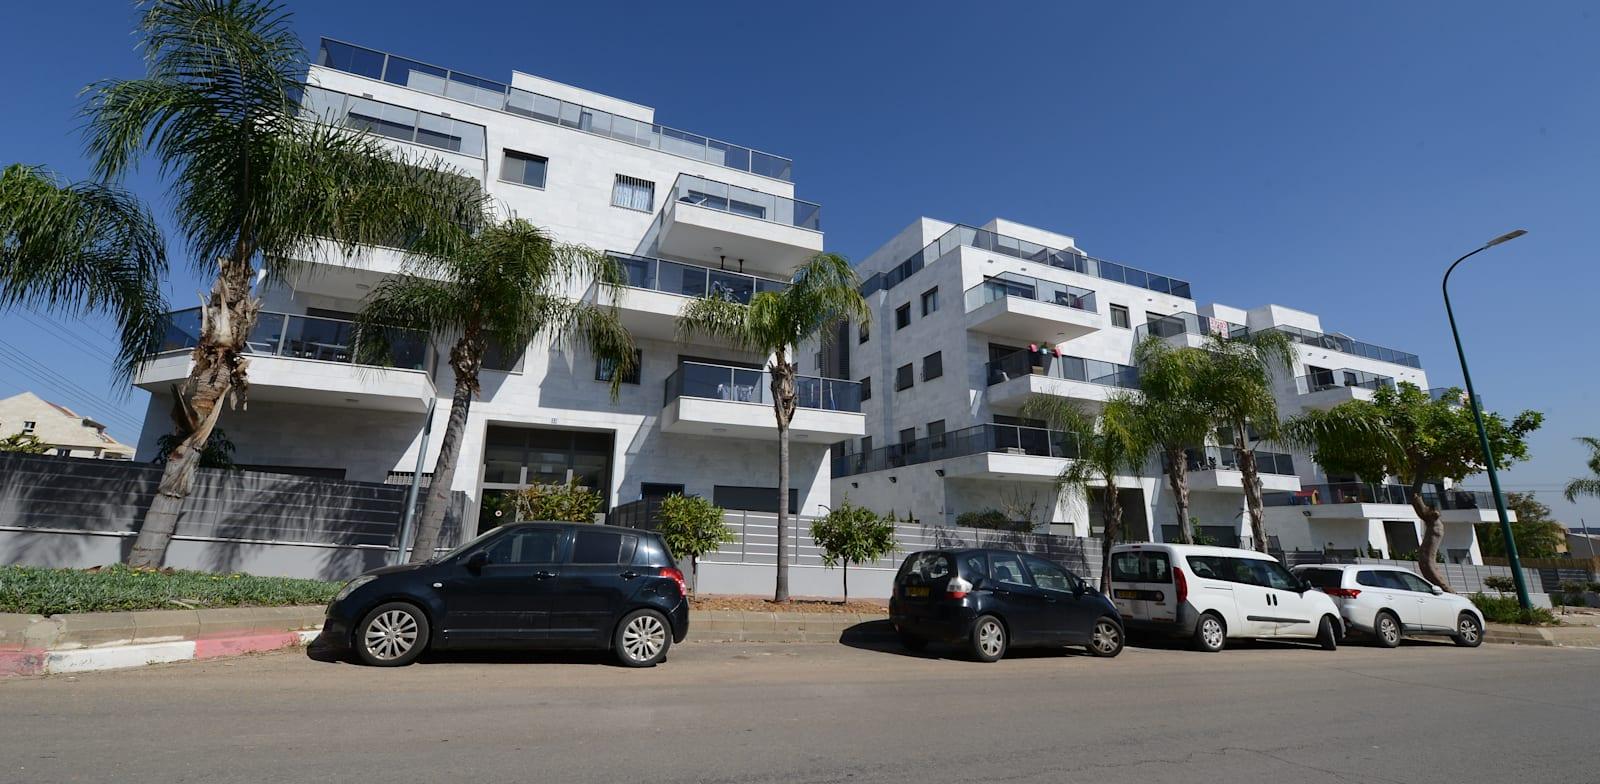 """פרויקט פנינת האצ""""ל בנתניה. המתווך הראה דירה בקומה ב בבניין C, הרוכש קנה דירת גן בבניין B / צילום: איל יצהר"""